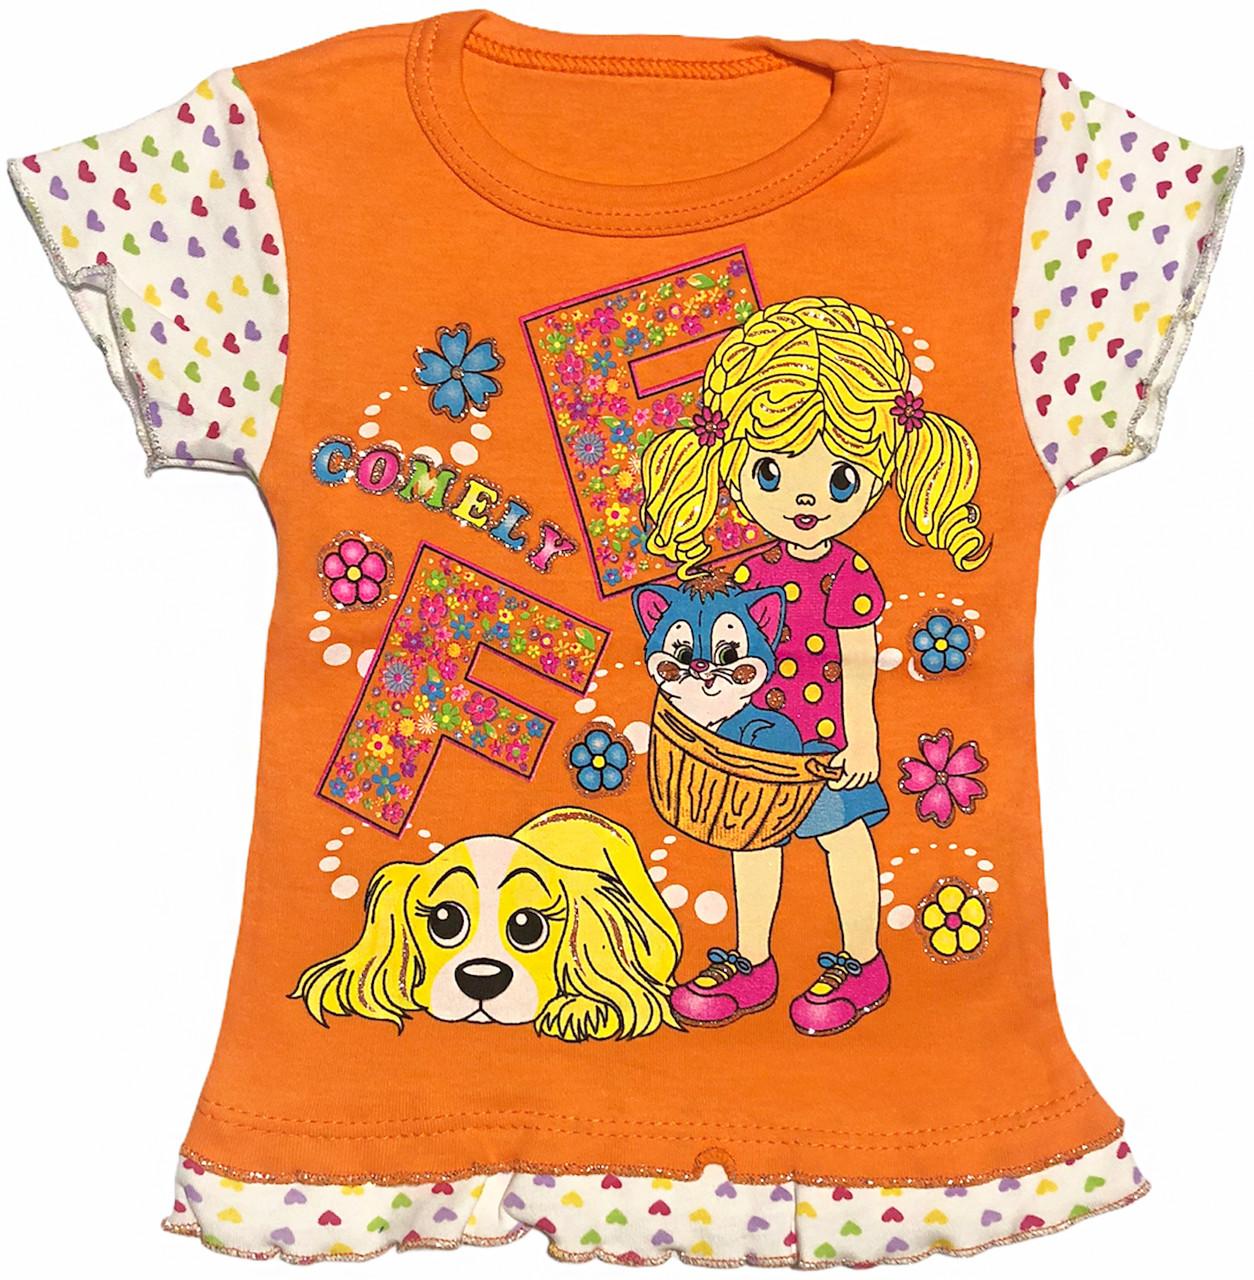 Детская футболка на девочку рост 86 1-1,5 года для новорожденных малышей с принтом красивая трикотаж оранжевая